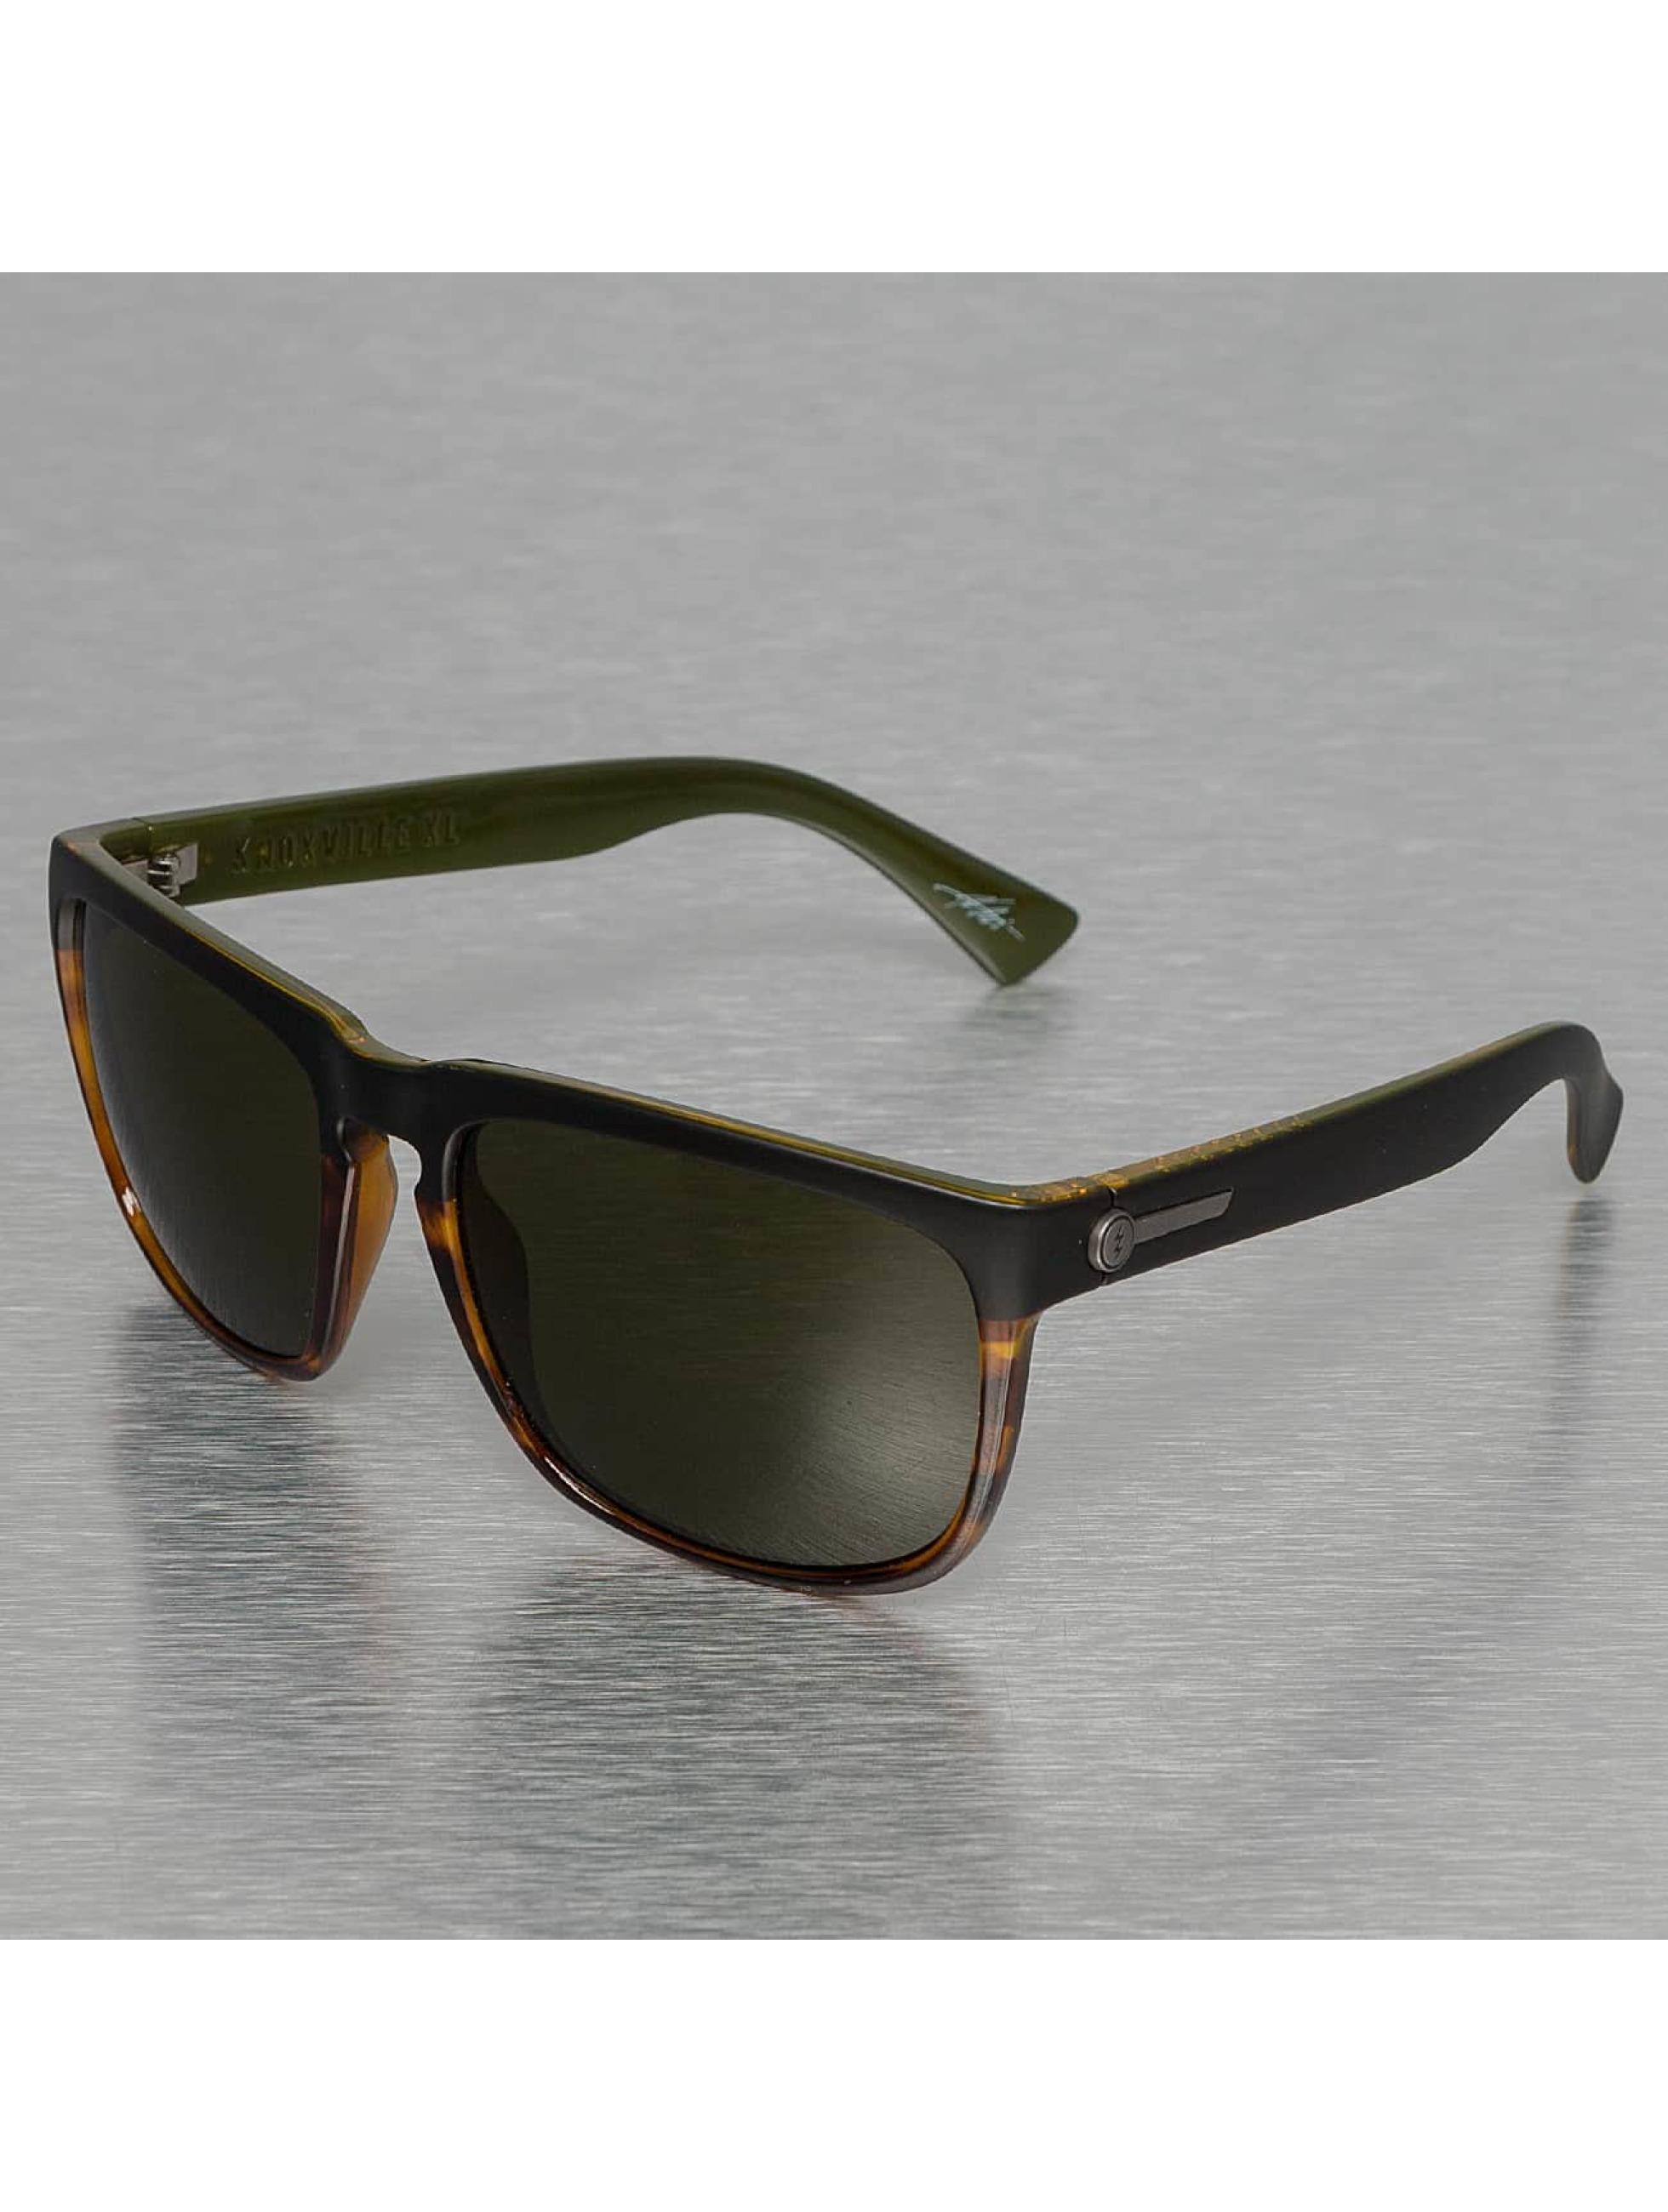 Sonnenbrille KNOXVILLE XL in braun